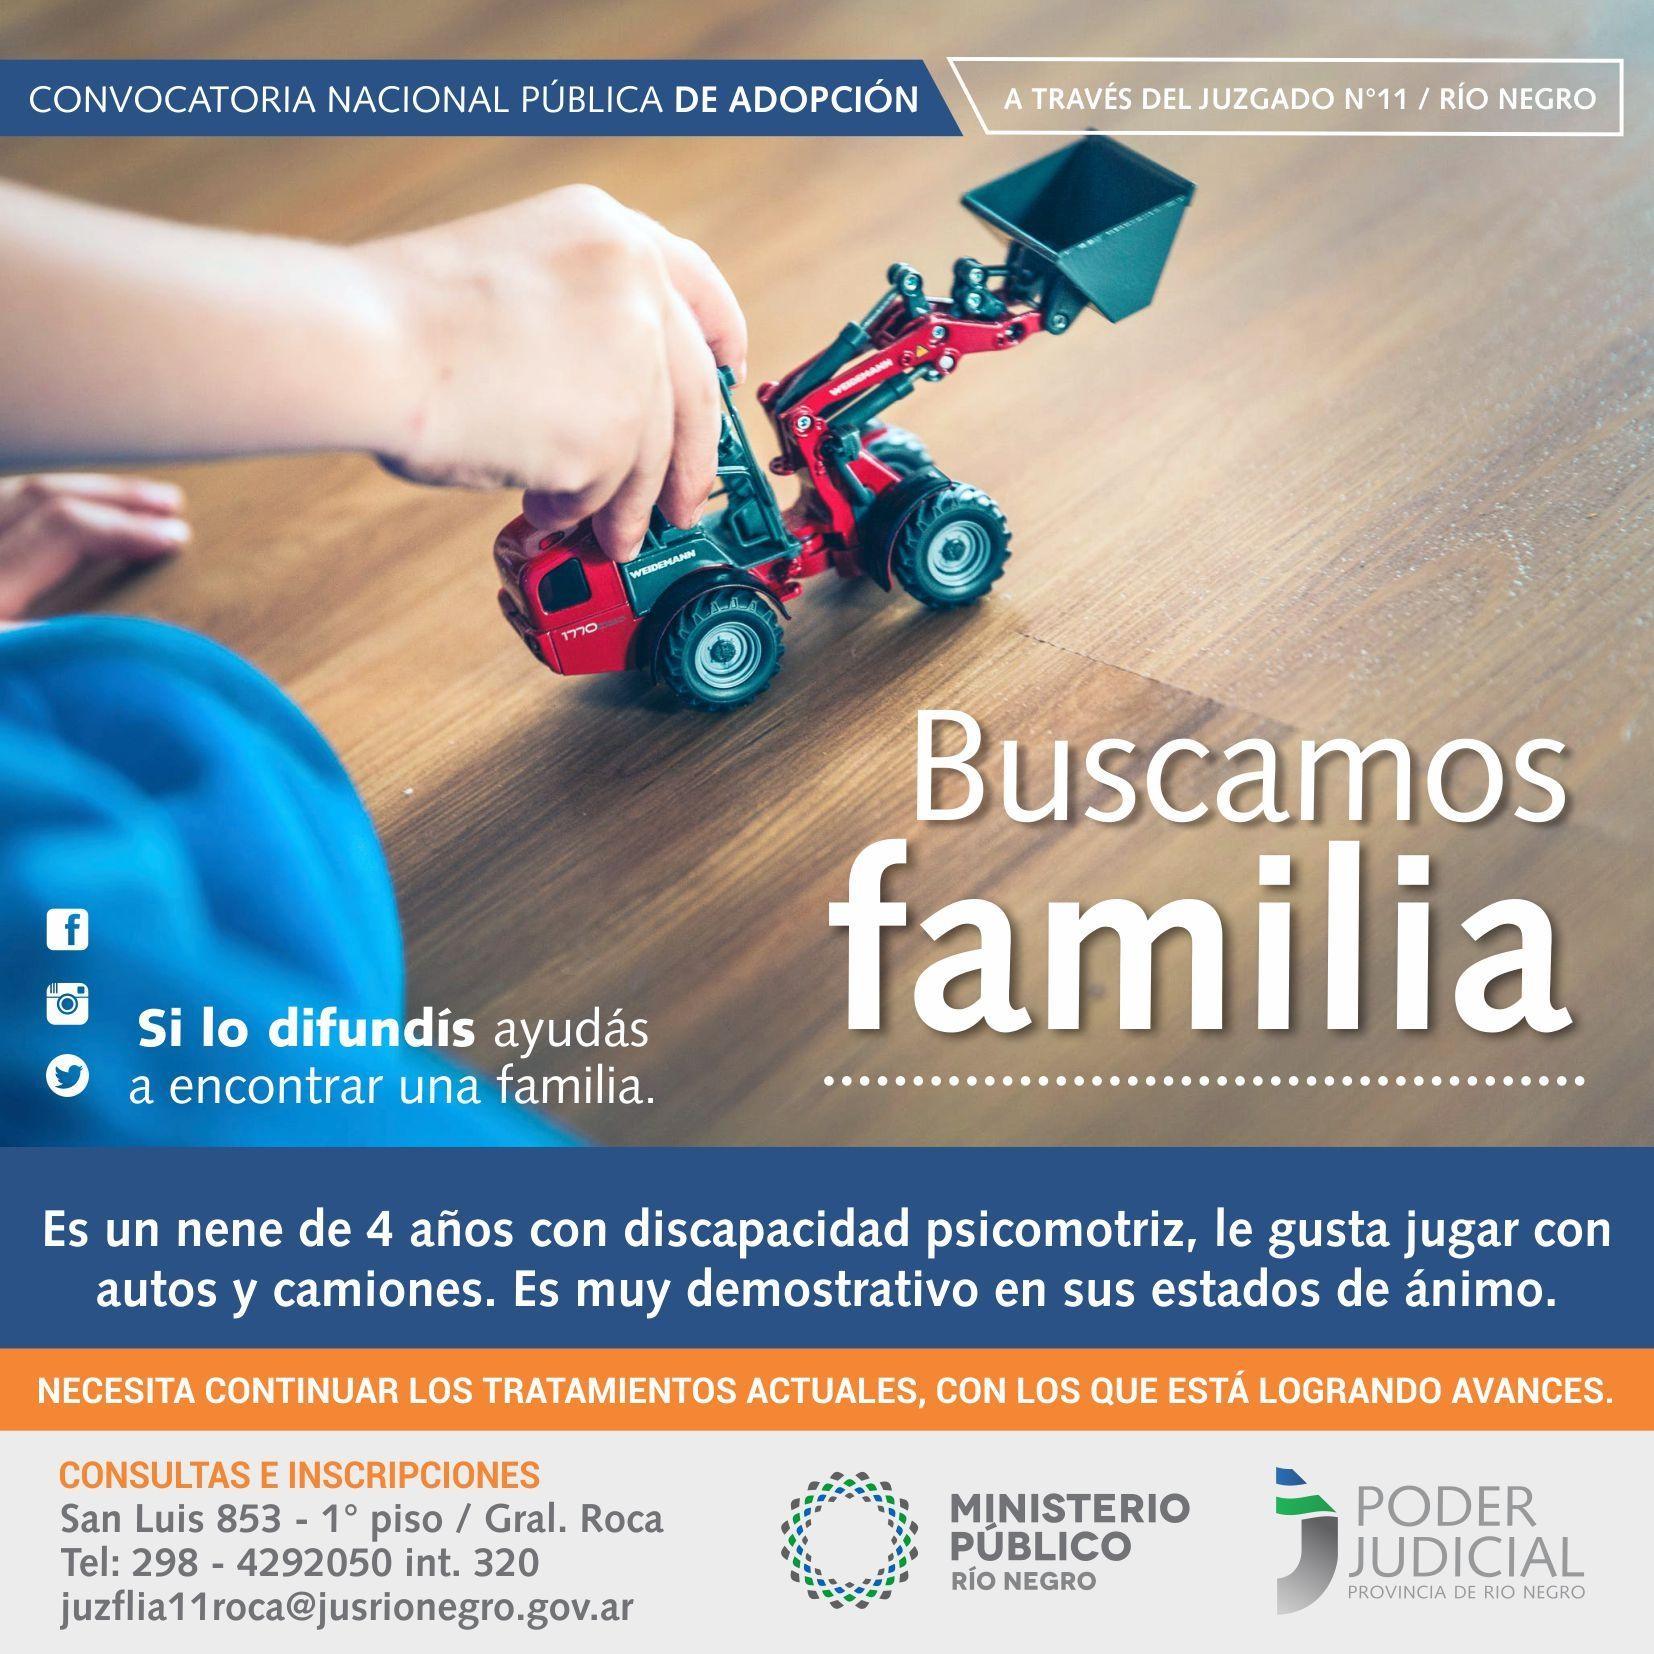 Convocatoria pública nacional de adopción: buscamos familia para un niño de 4 años